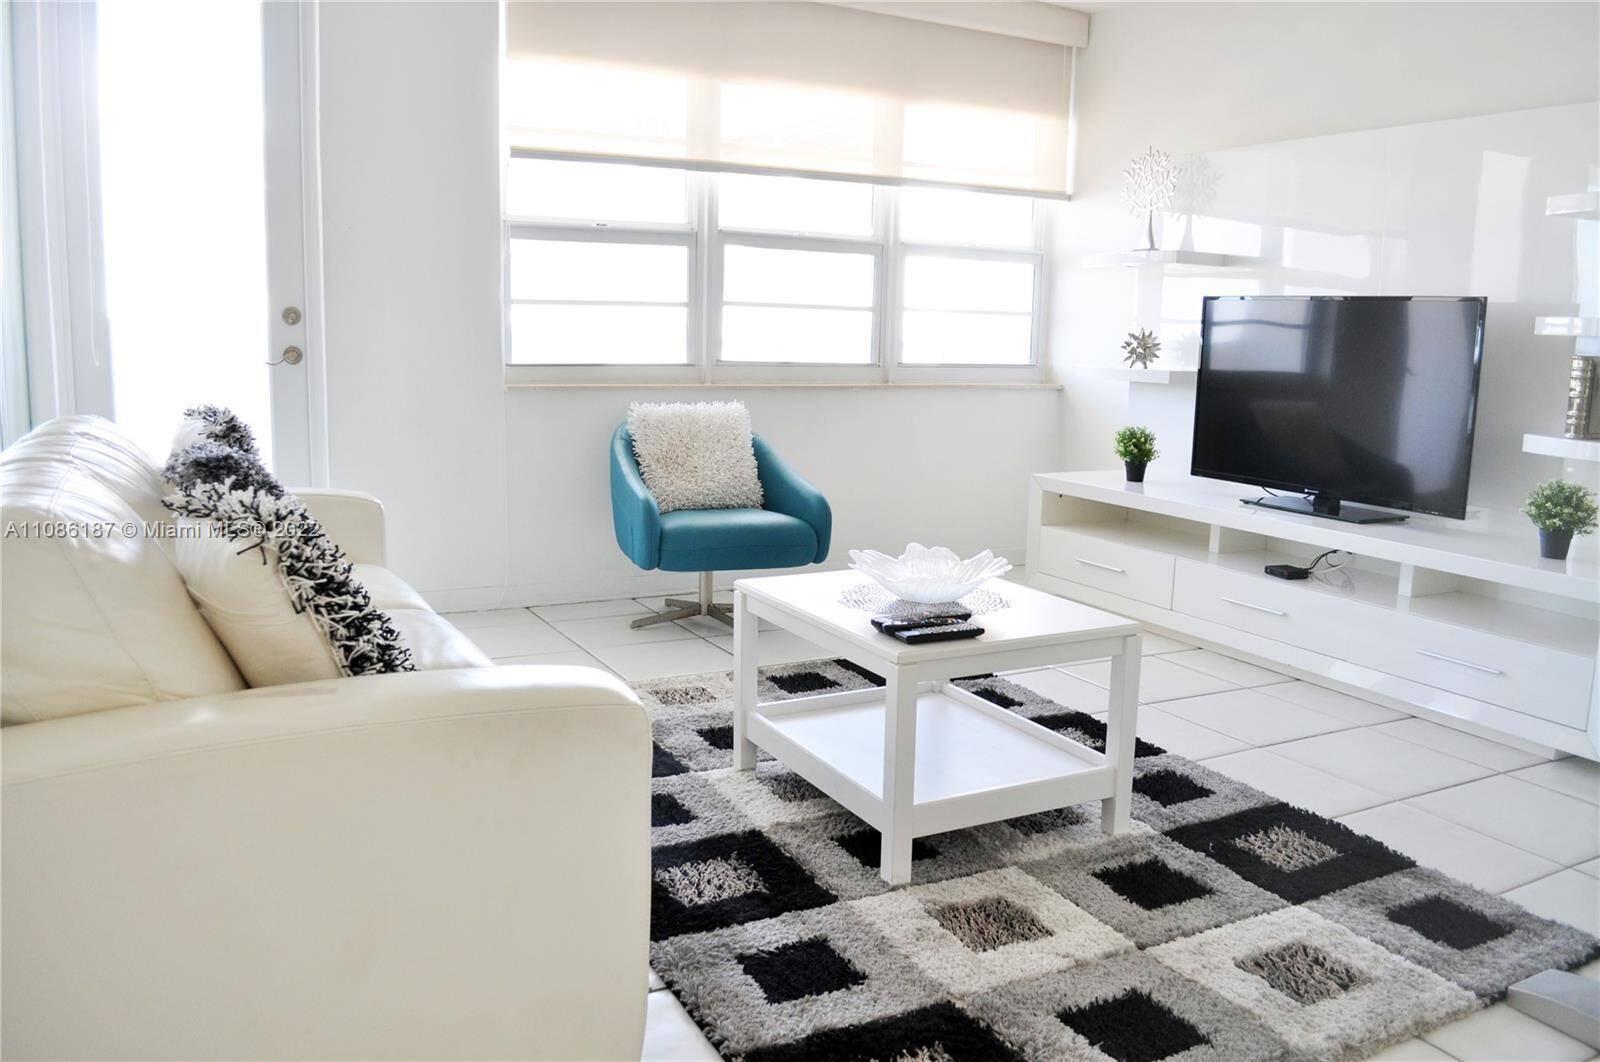 Decoplage South Beach For Sale  Unit #910